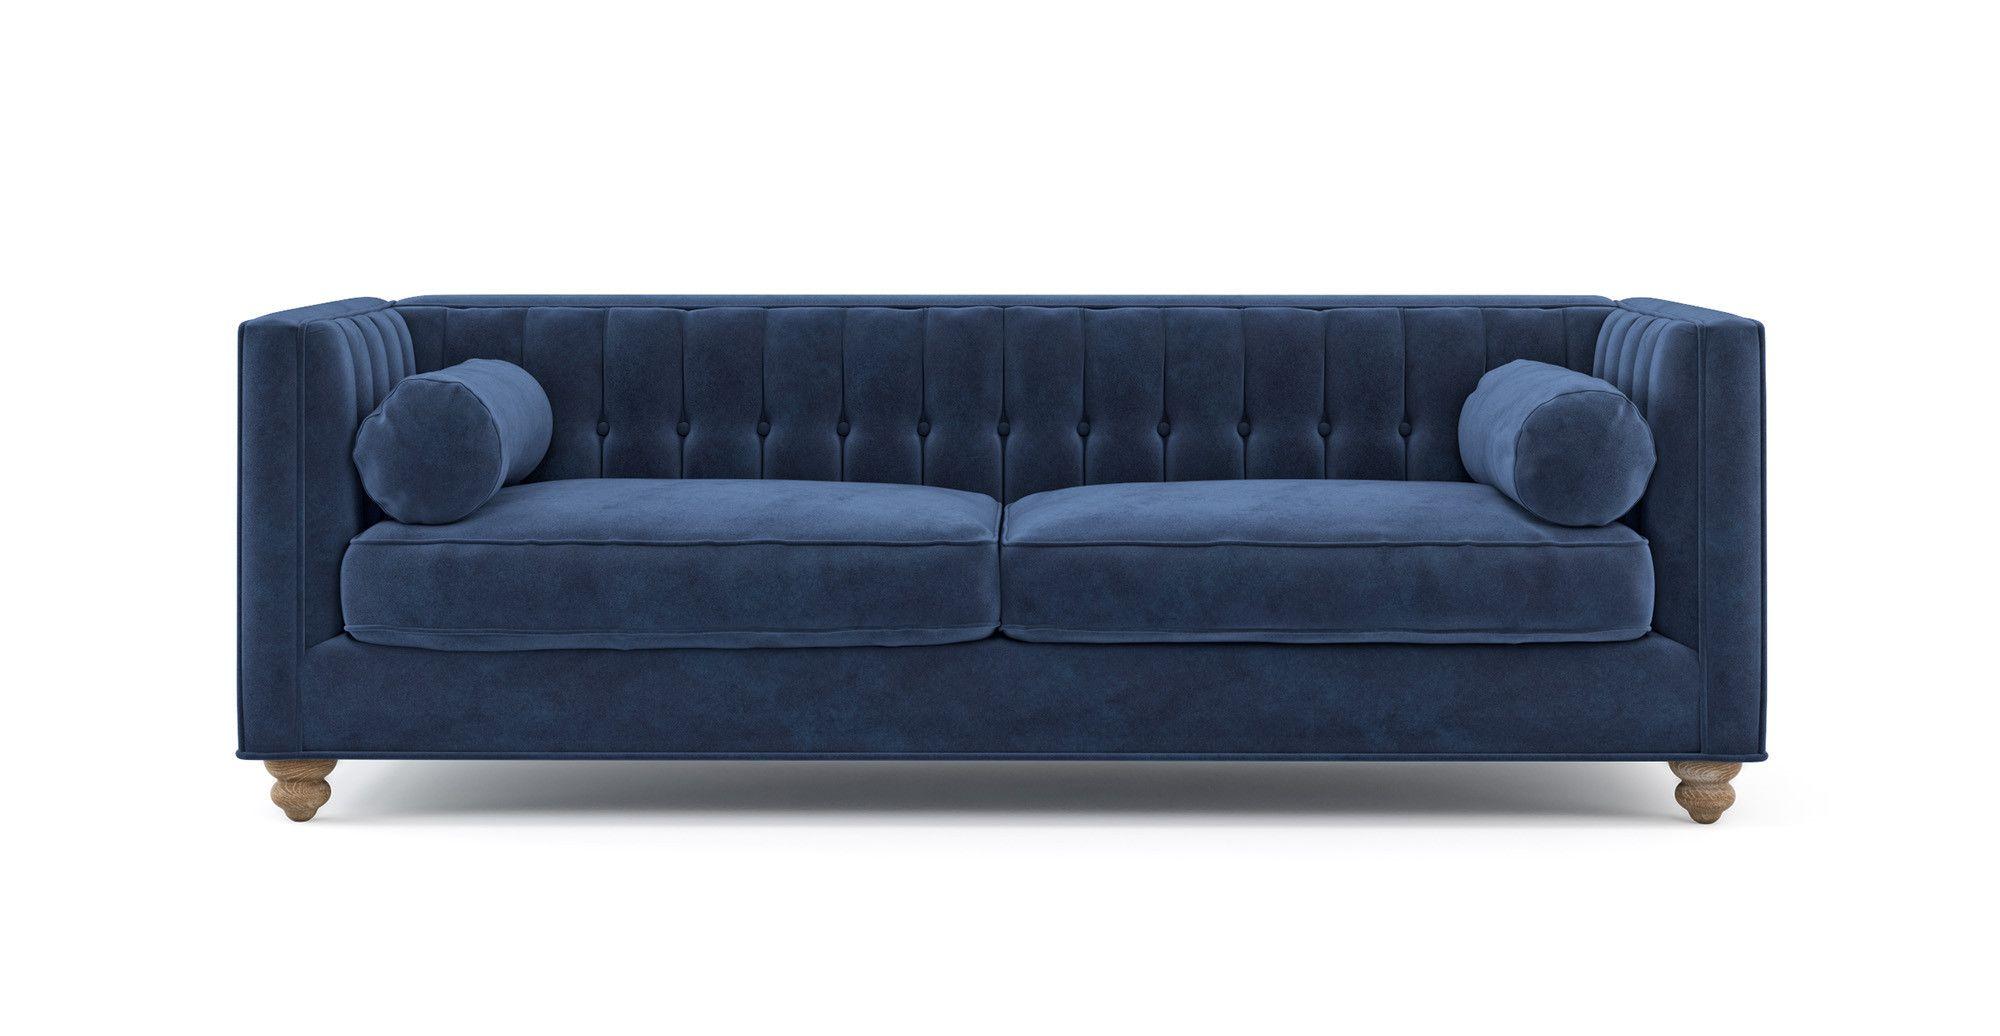 Camilla 3 Seater Sofa 3 Seater Sofa Sofa New Furniture